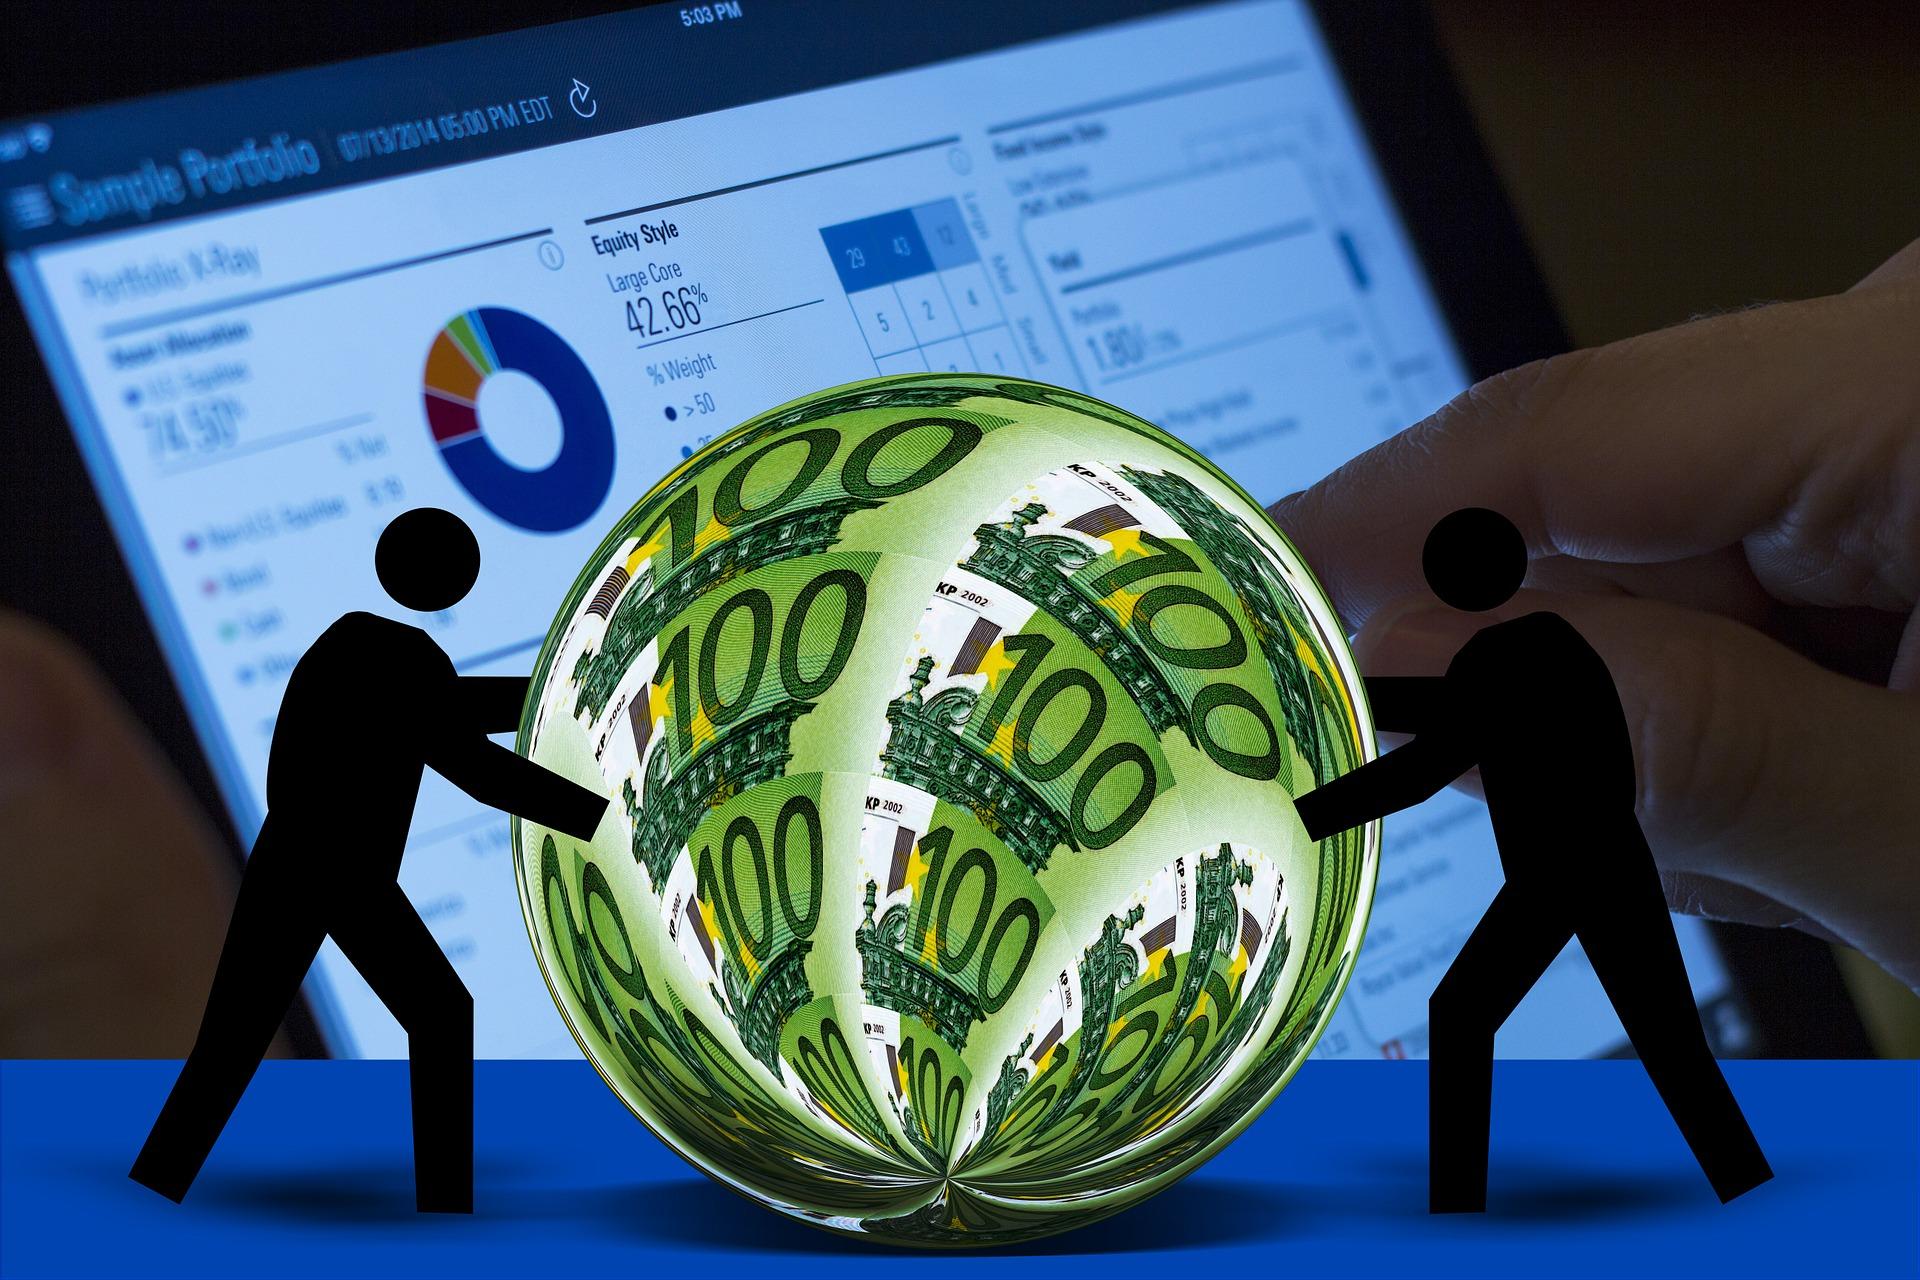 株式投資・投資信託でおすすめな銘柄ランキングまとめ。業績・財務が良好な優良銘柄と、低コストなインデックスファンドを厳選